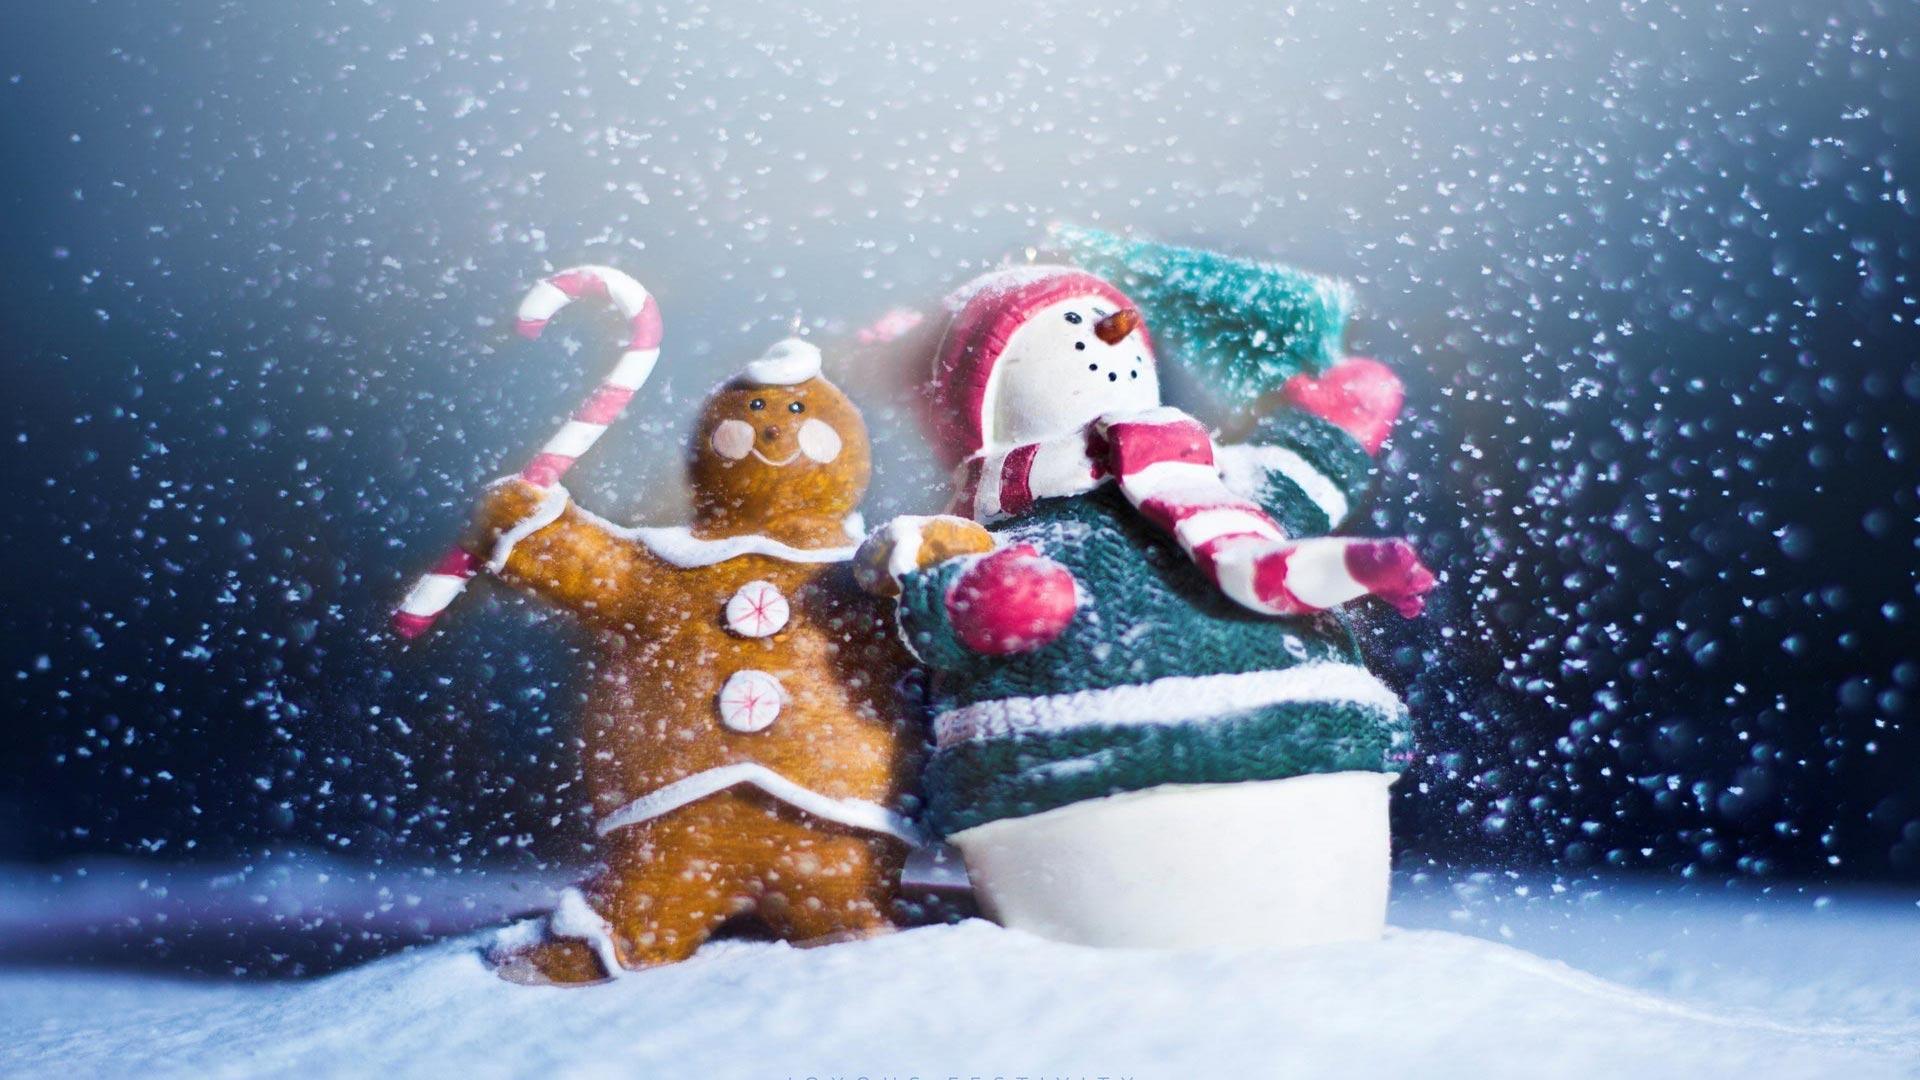 Natale Immagini Hd.Sfondo Hd Natale Sfondi Hd Gratis